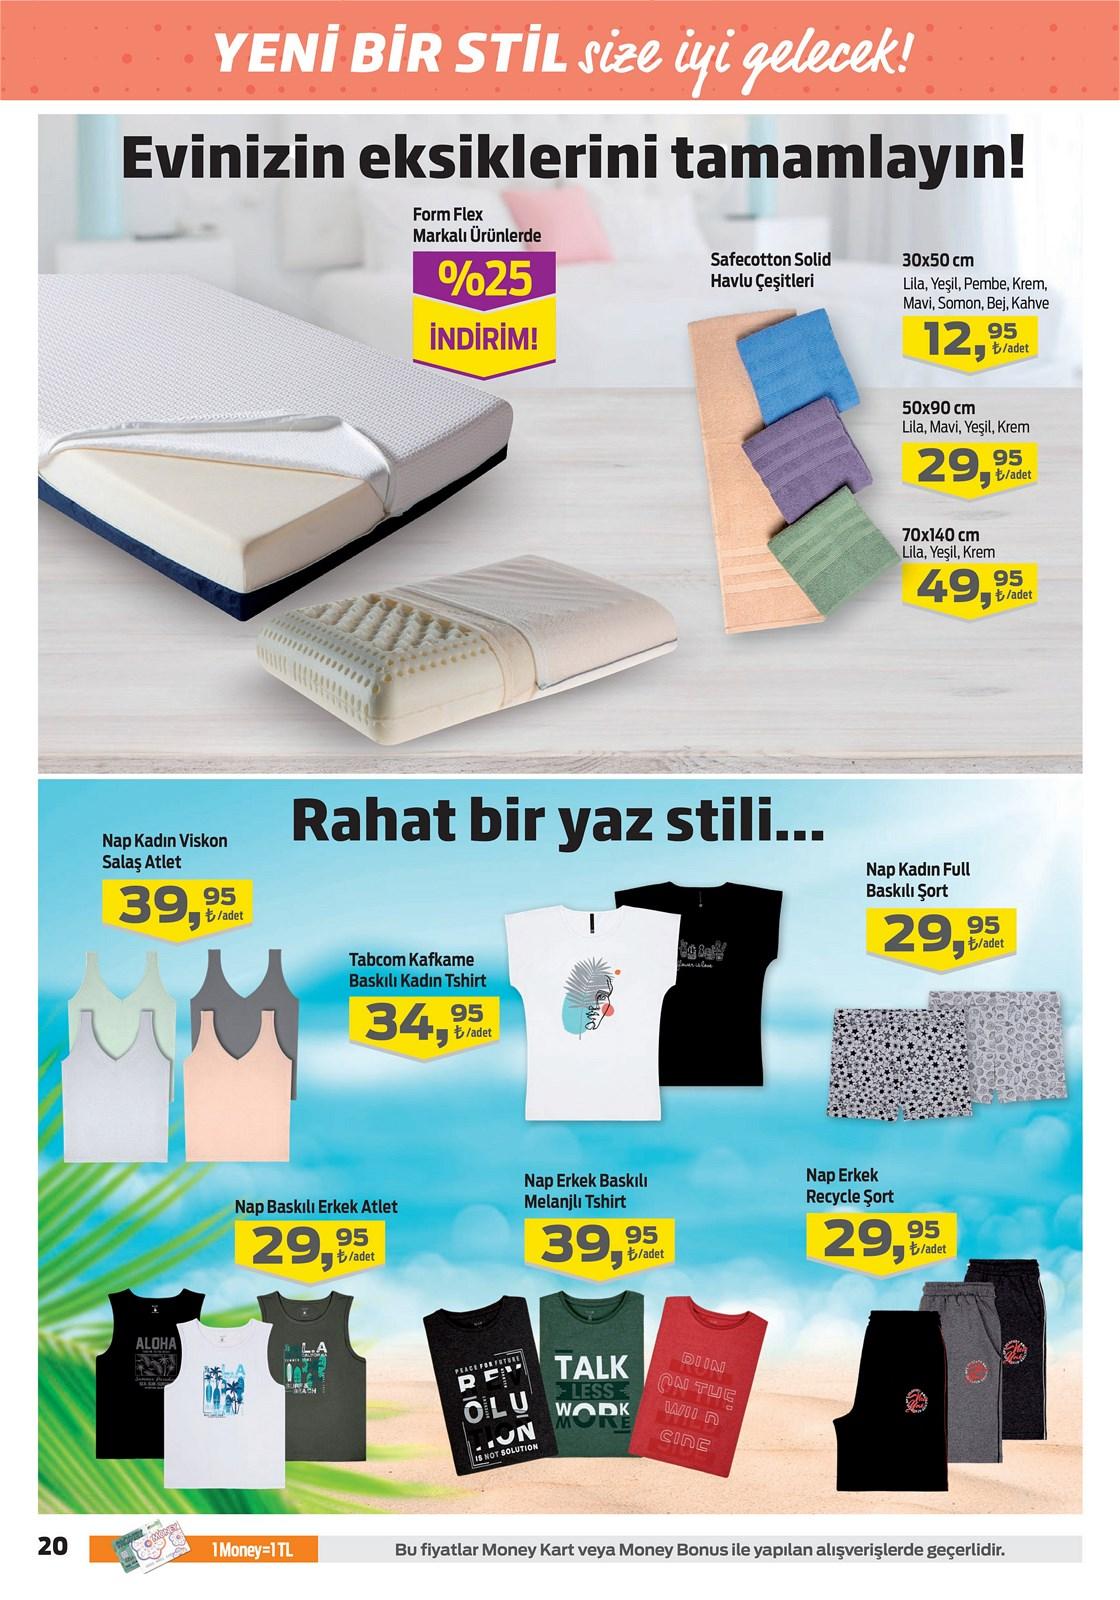 03.06.2021 Migros broşürü 20. sayfa